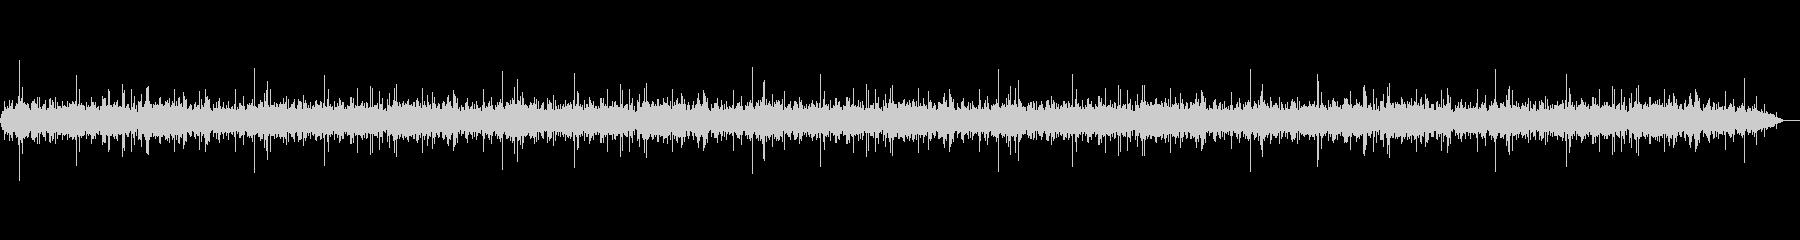 【バイノーラル録音】清流のせせらぎの未再生の波形